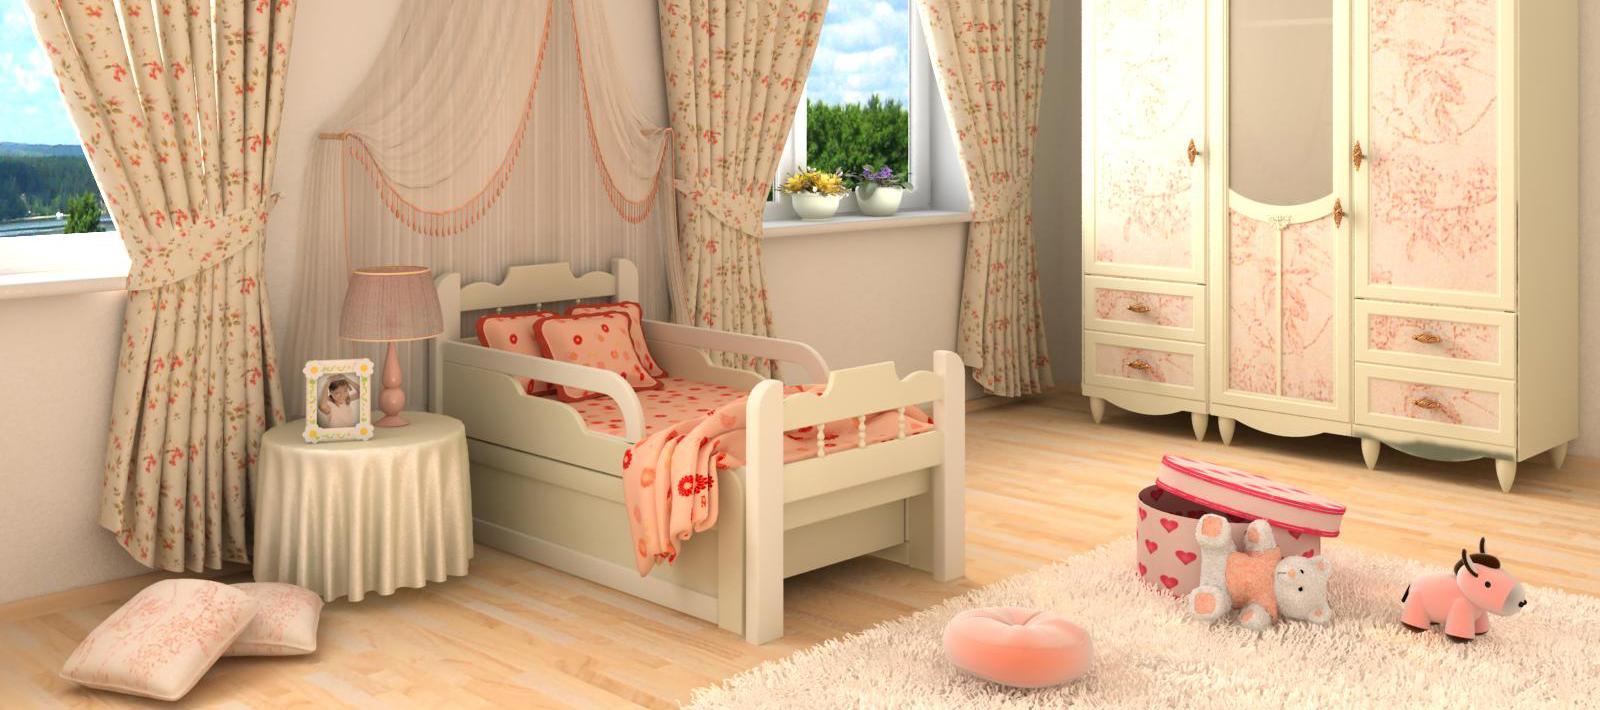 Раздвижные кровати в детскую: мебель, которая растет вместе с ребенком